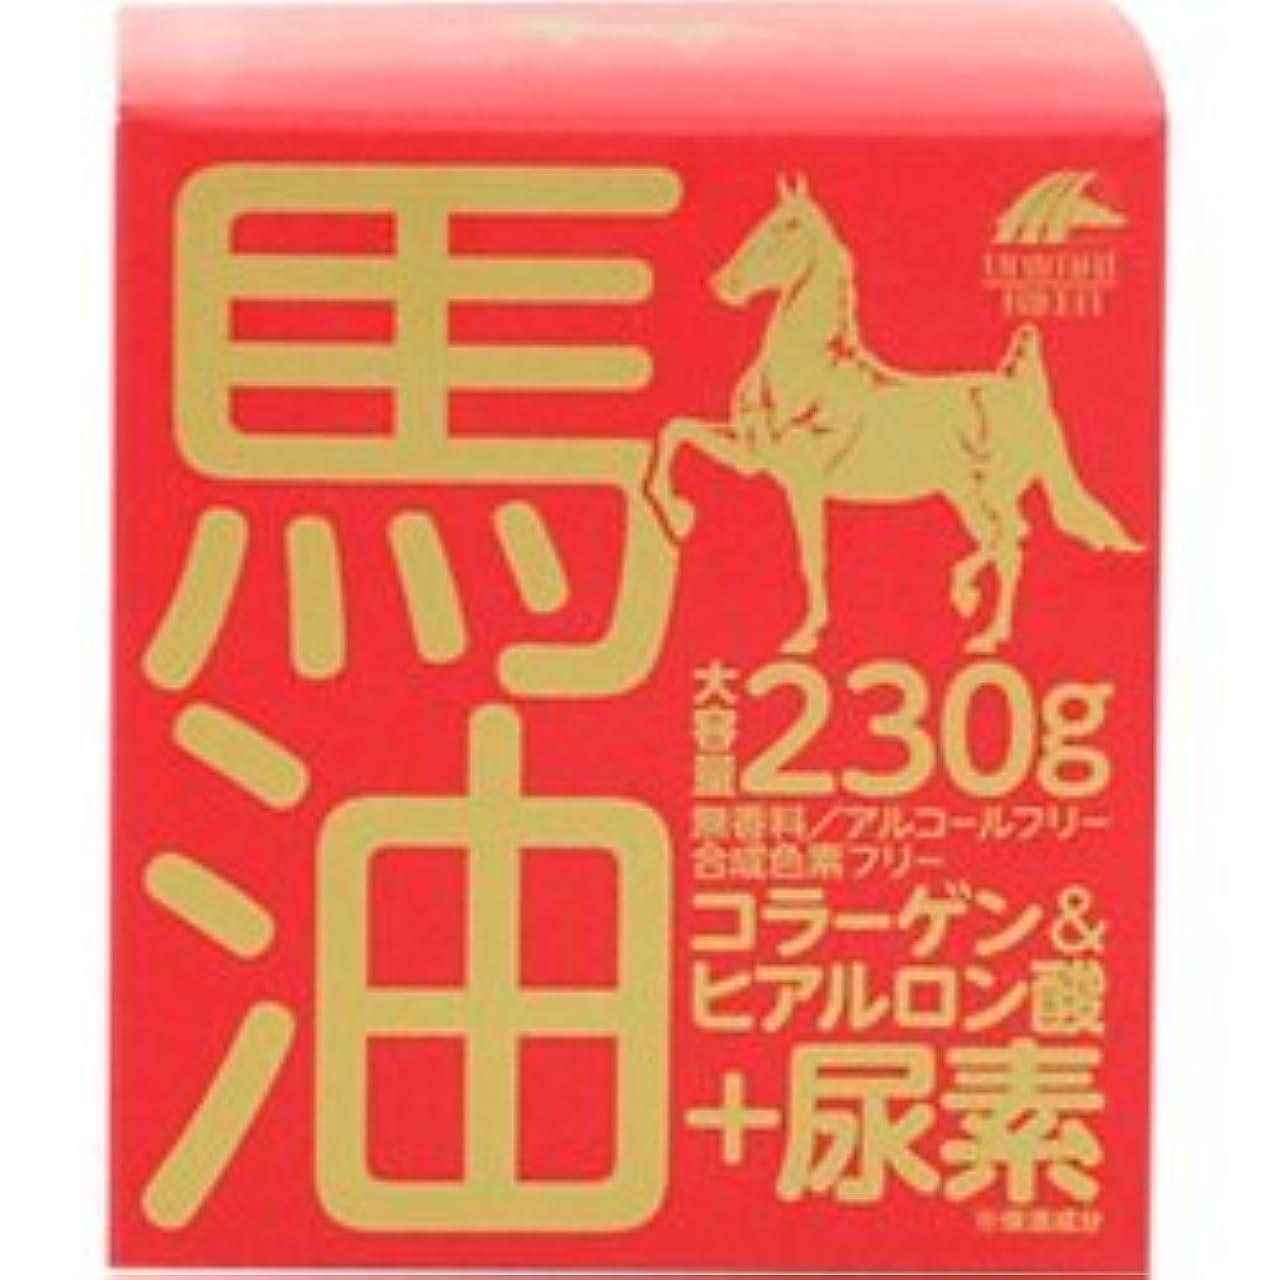 官僚センチメートル正確さ【ユニマットリケン】馬油クリーム+尿素 230g ×20個セット